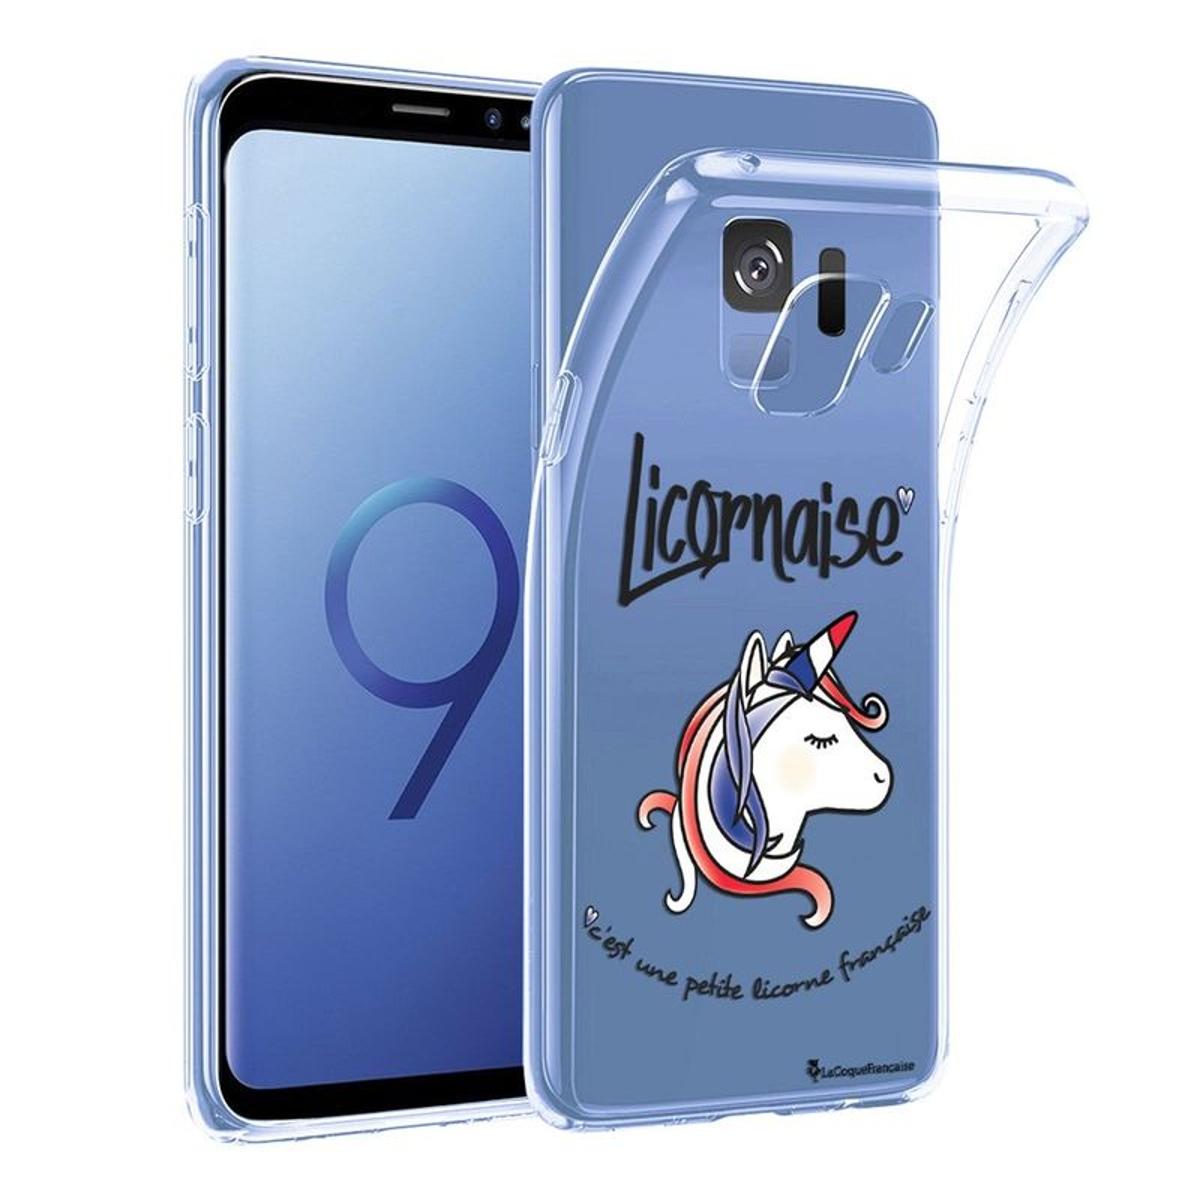 Coque Samsung Galaxy S9 Plus souple transparente, Licornaise, La Coque Francaise®